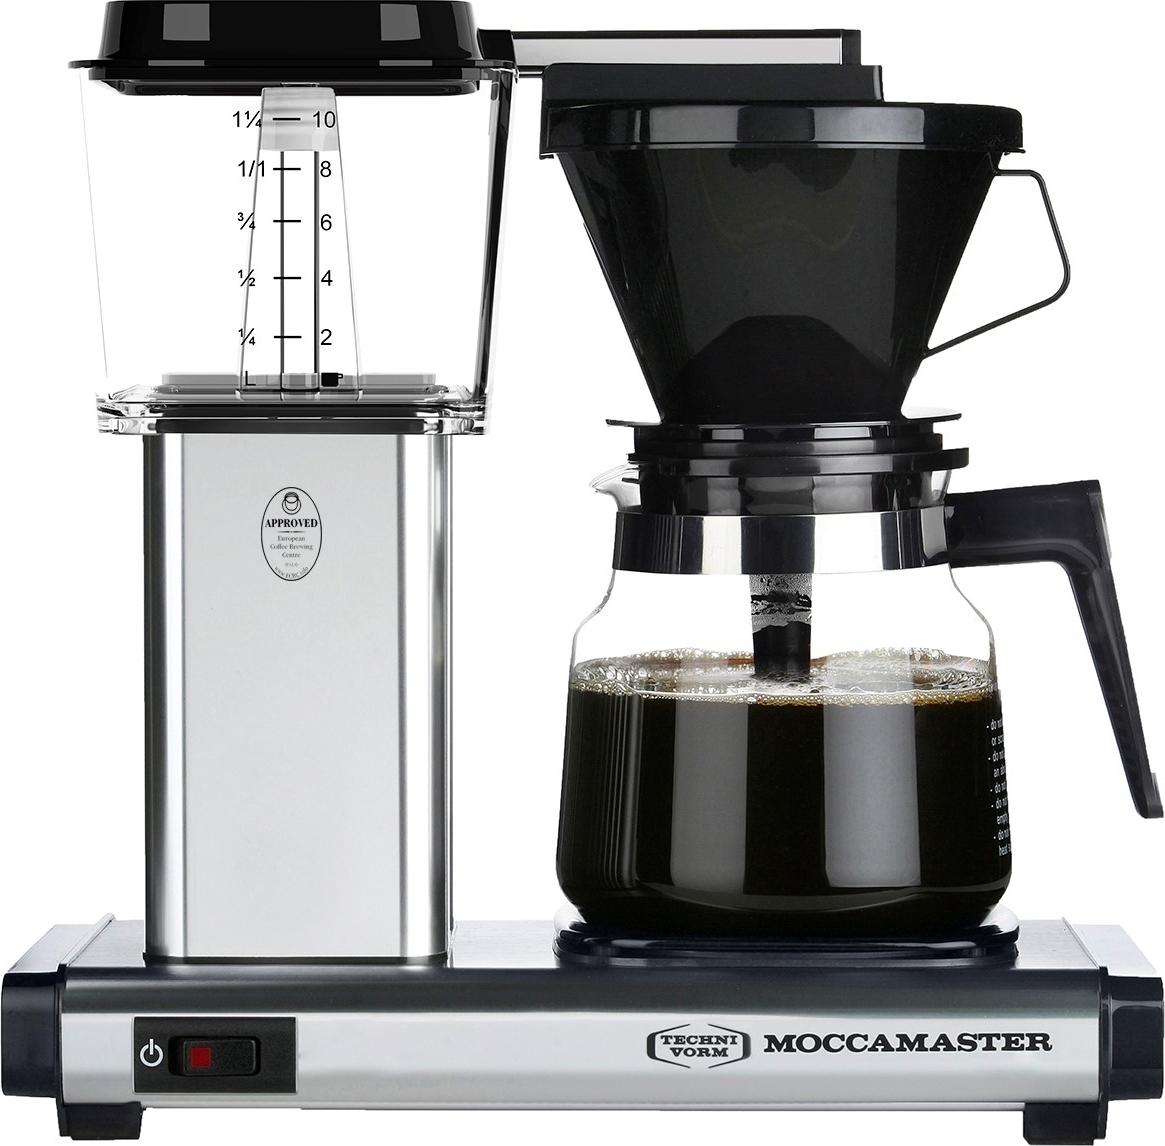 Moccamaster h931 homeline ao kaffemaskine st l k b til - Homeline dekoration ...